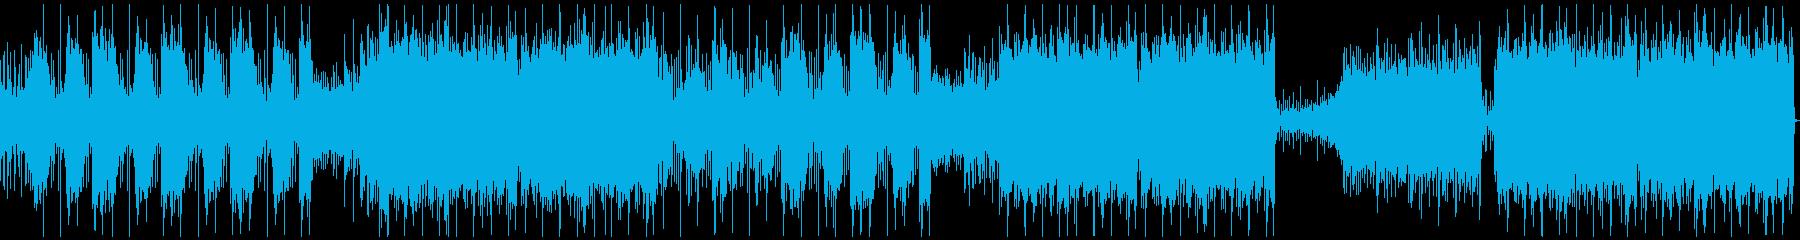 激しい 強い メタル ラウド BGMの再生済みの波形